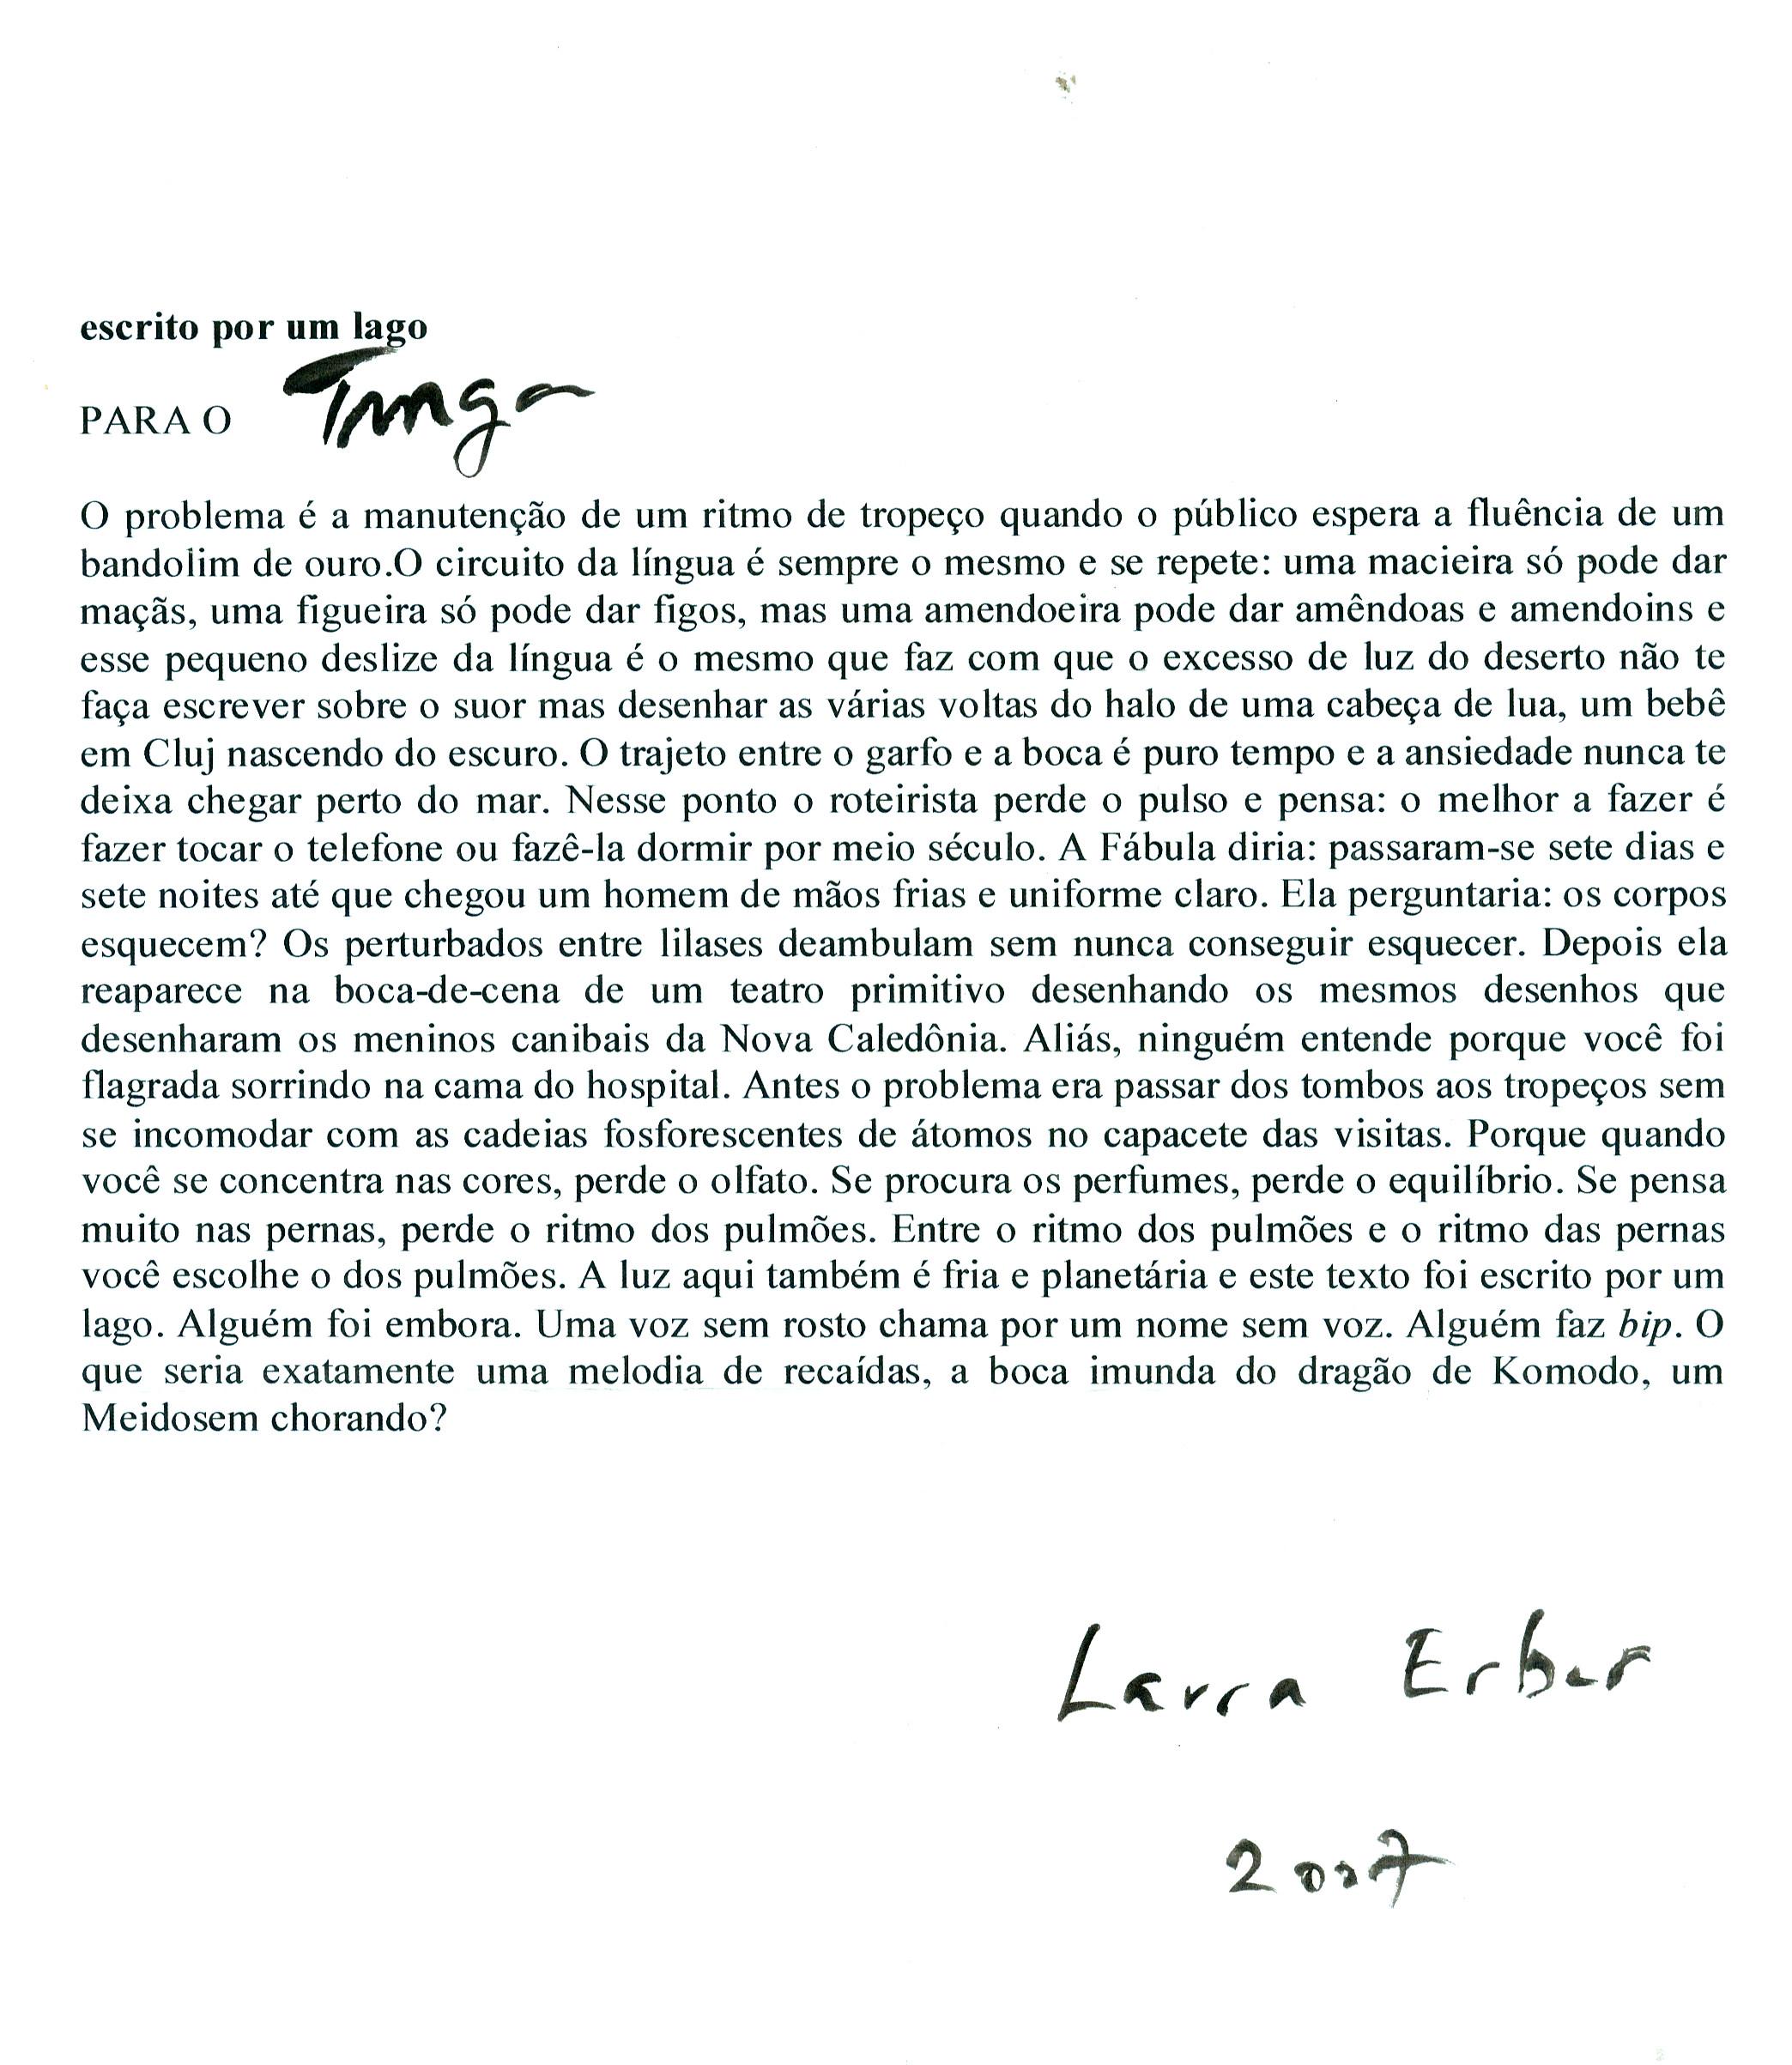 Escrito por um Lago (carta p/ Tunga, de Laura Erber)